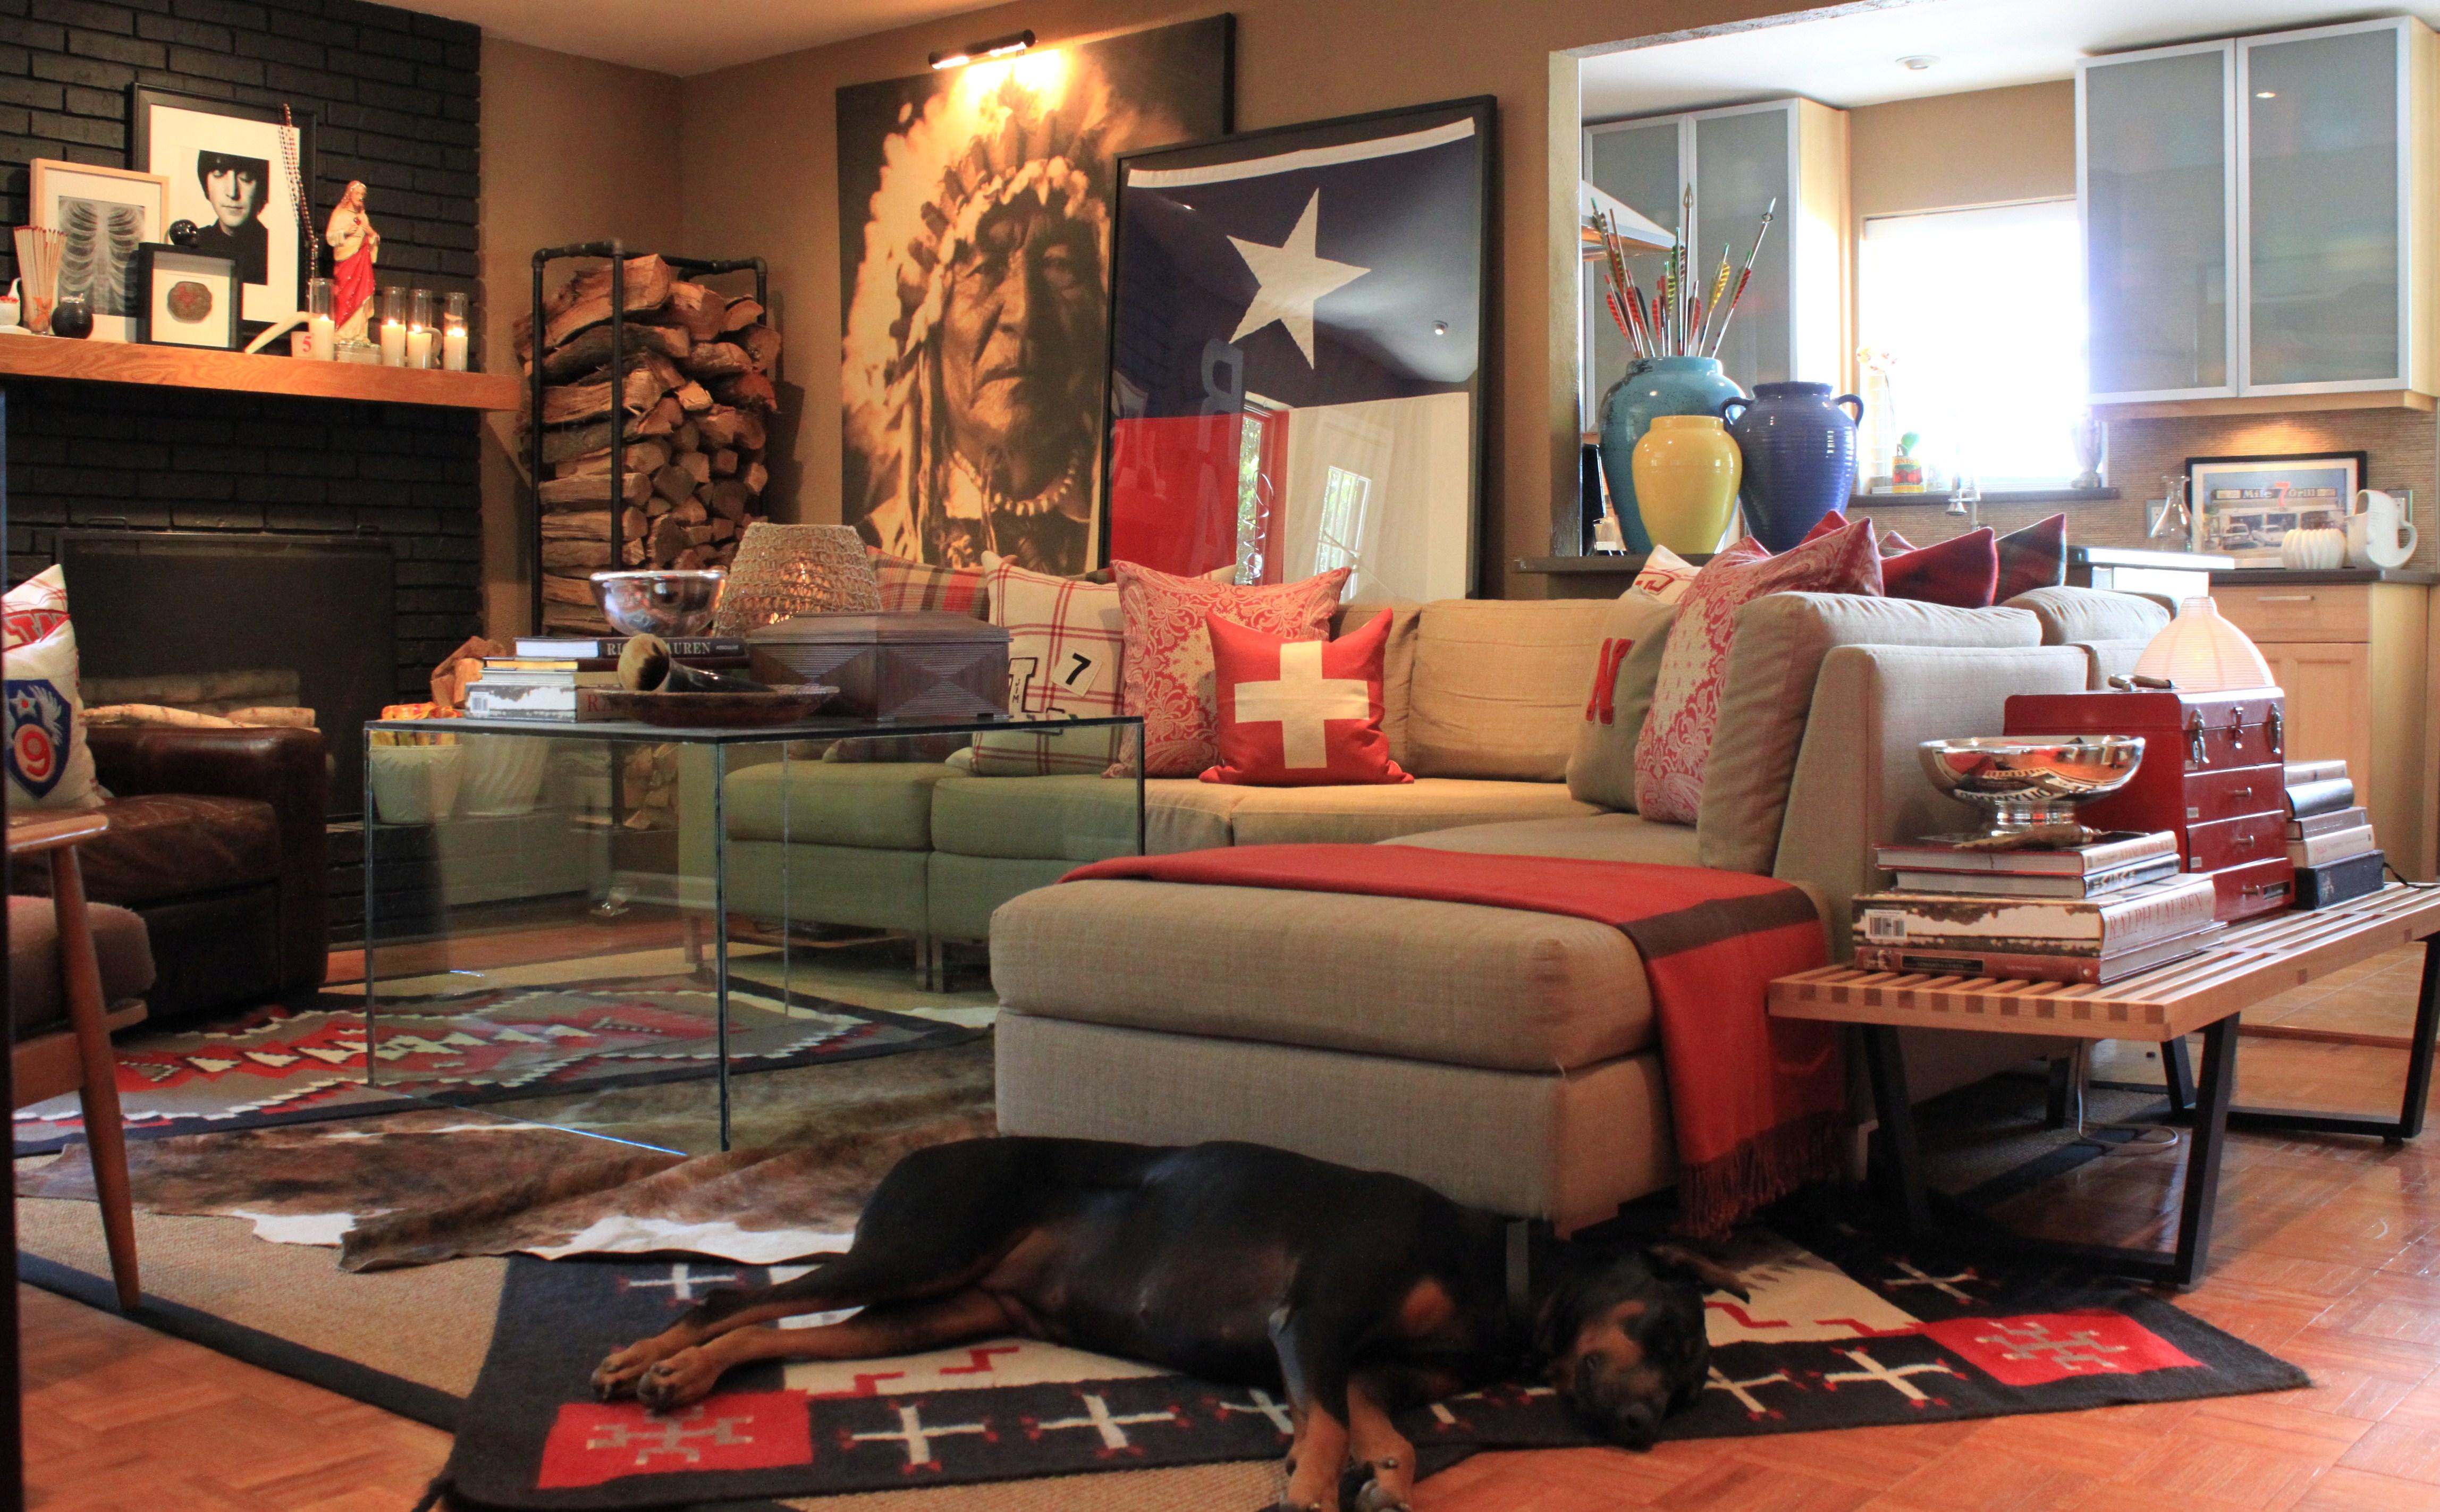 Books Table Sofa Pillows Dog Rug